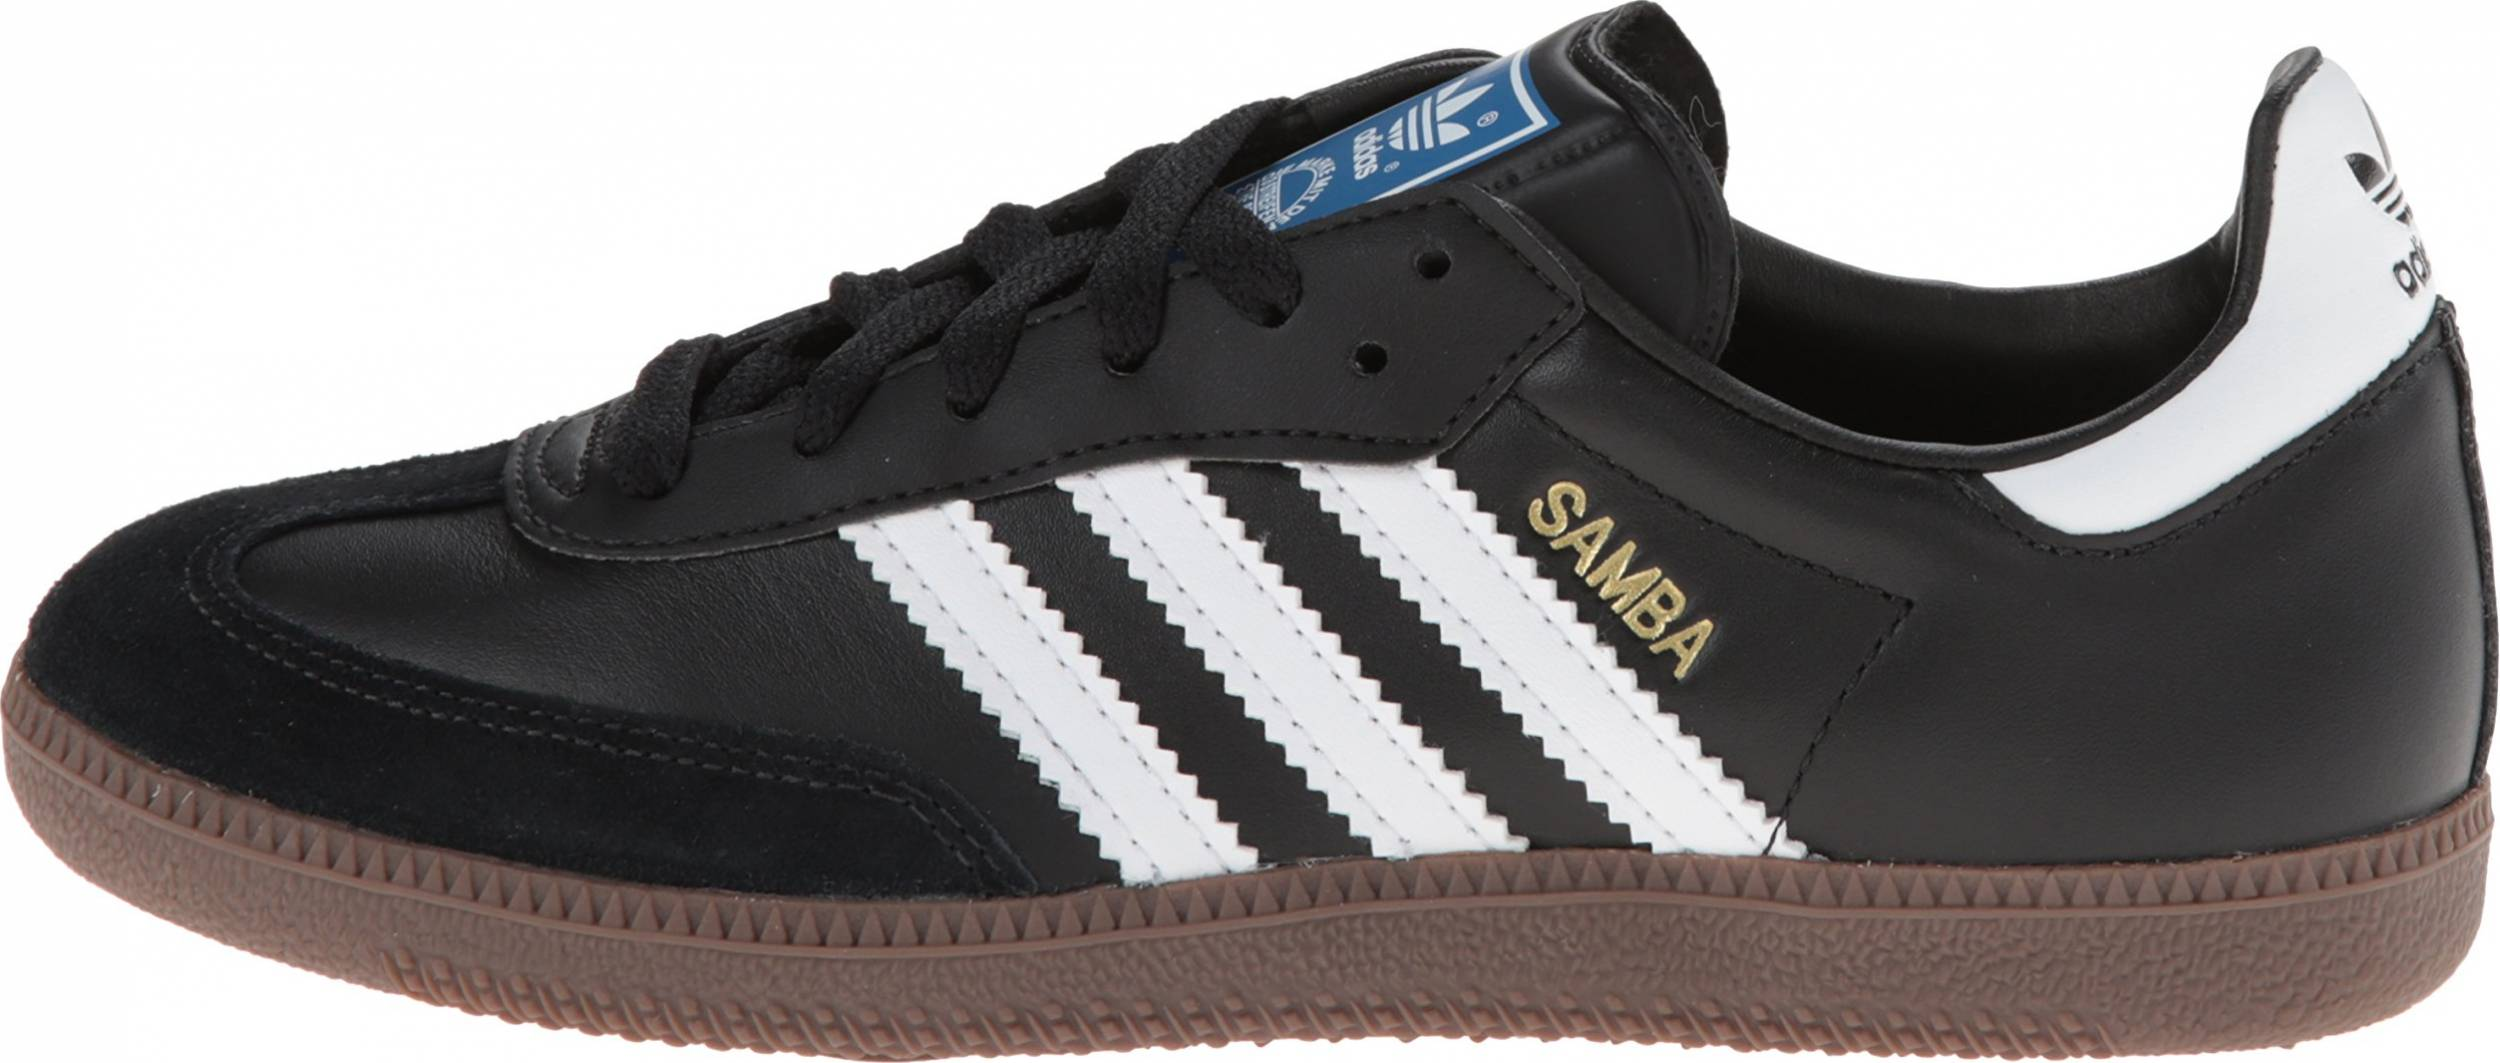 Zapatillas para hombre Adidas Originals Samba 2018